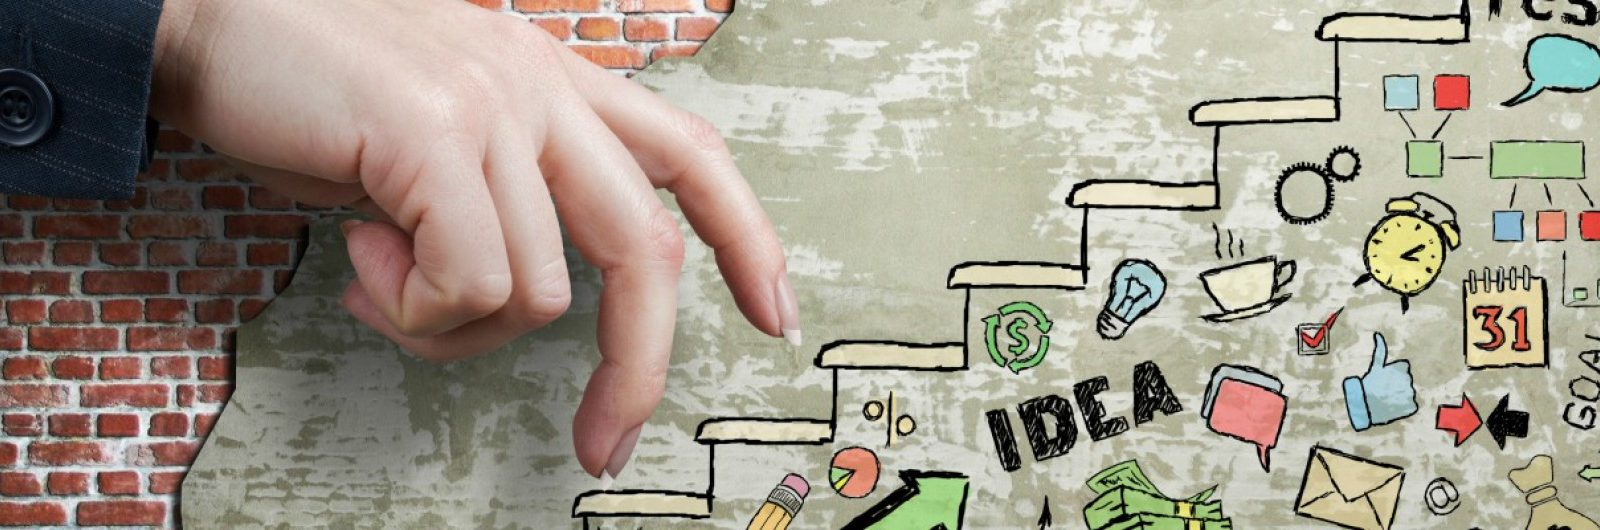 Precisa de motivação para abrir um negócio? Estas dicas são para si